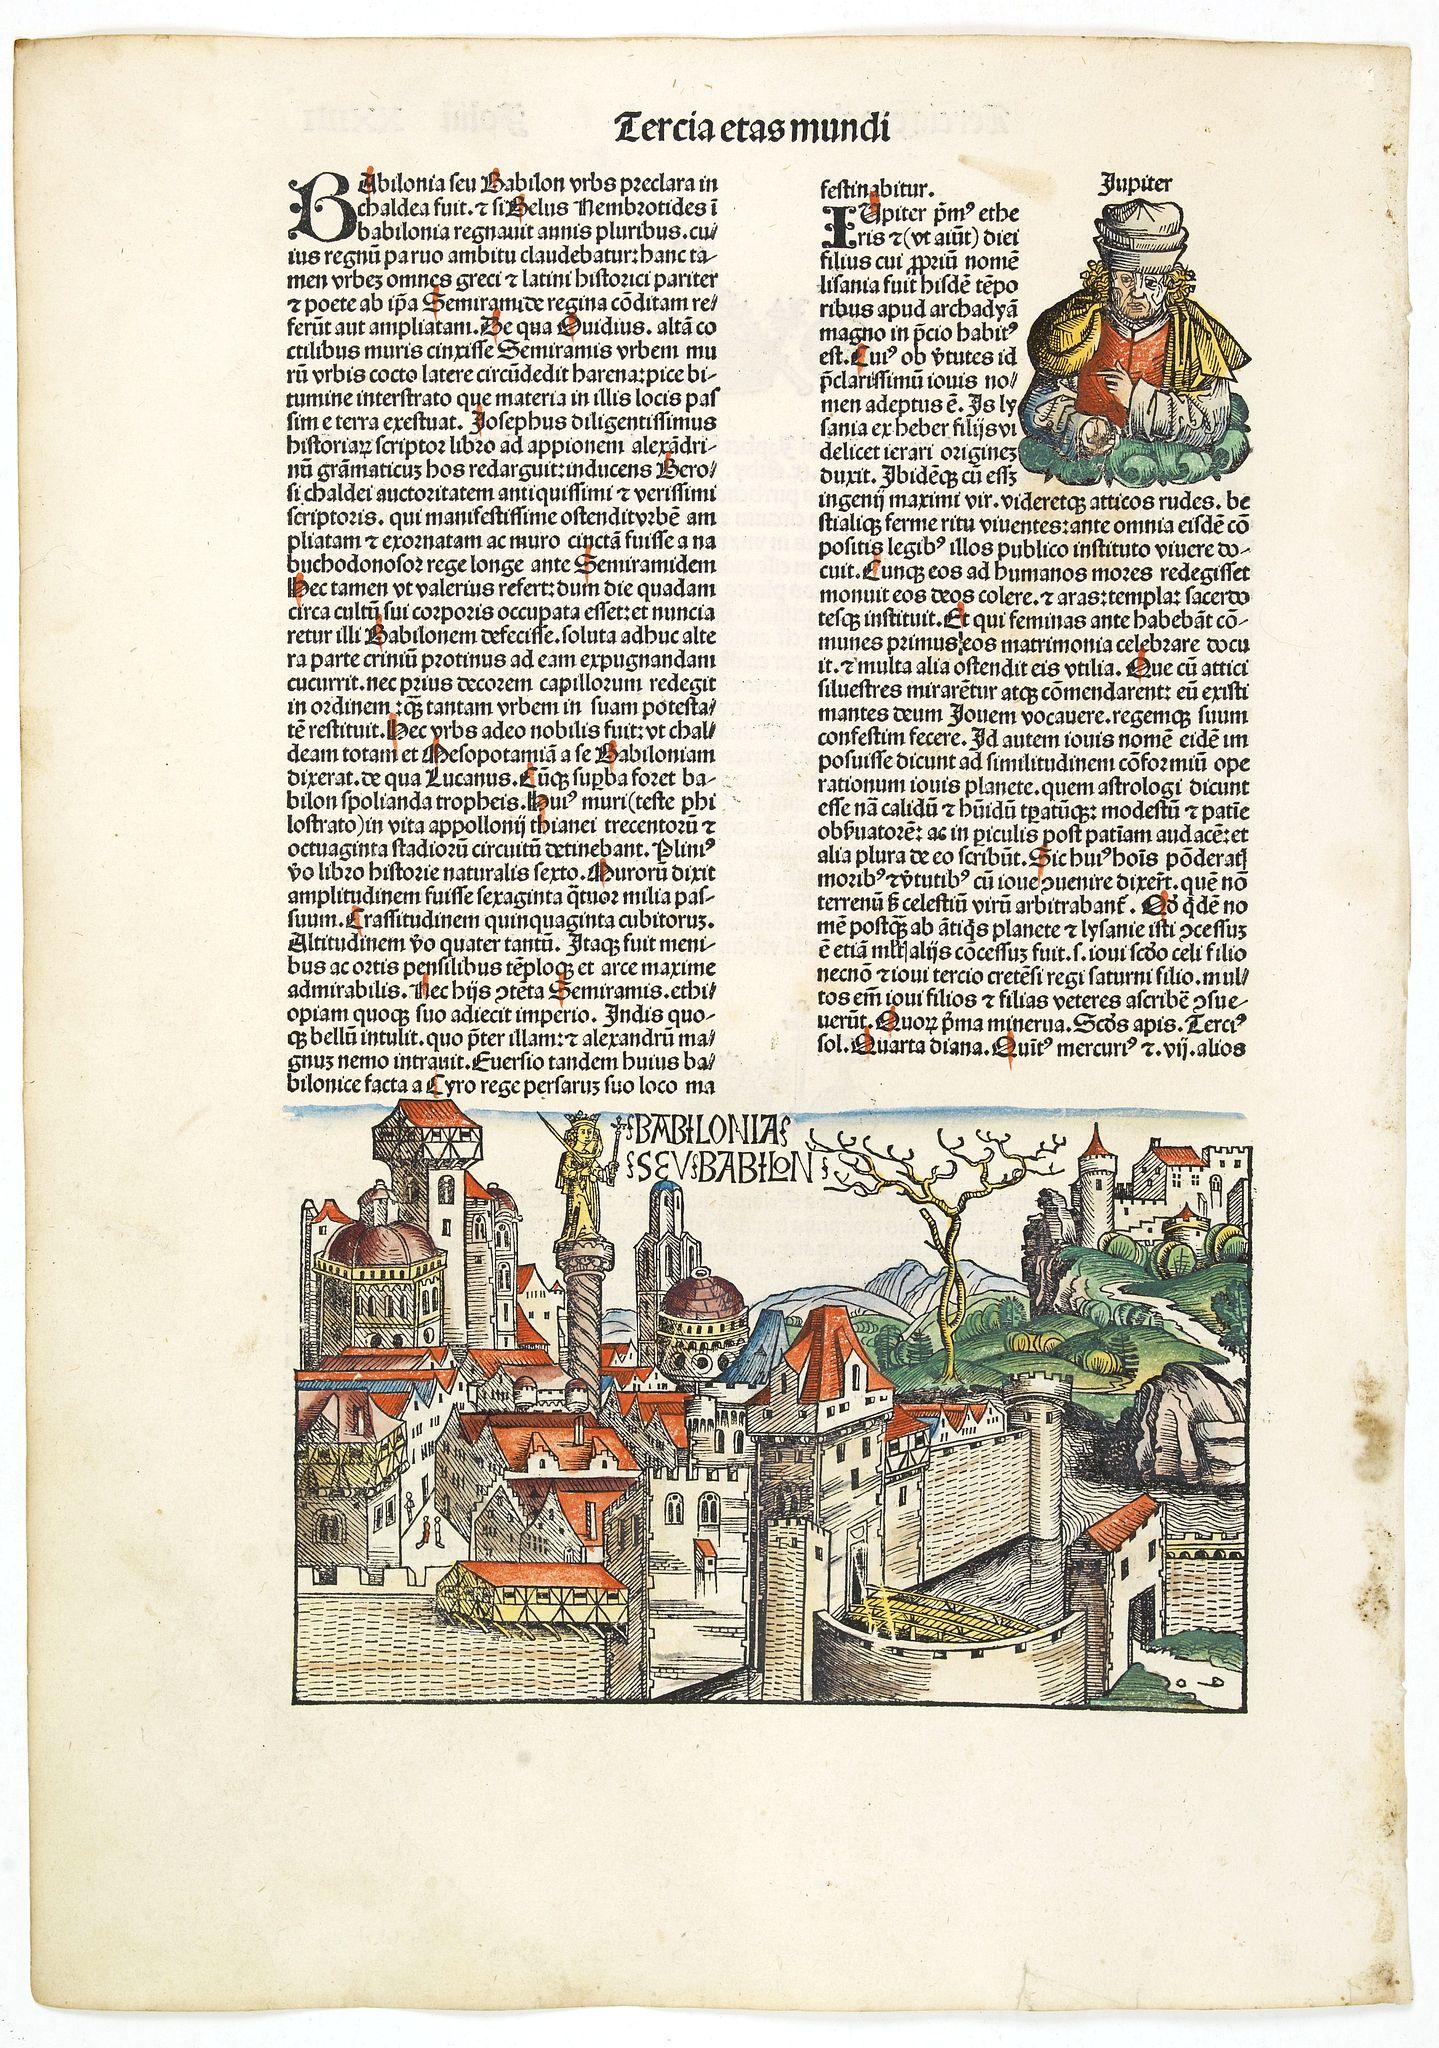 SCHEDEL, H. -  Tercia Etas Mudi. Babilonias. Folii XXIIII [Babylon]